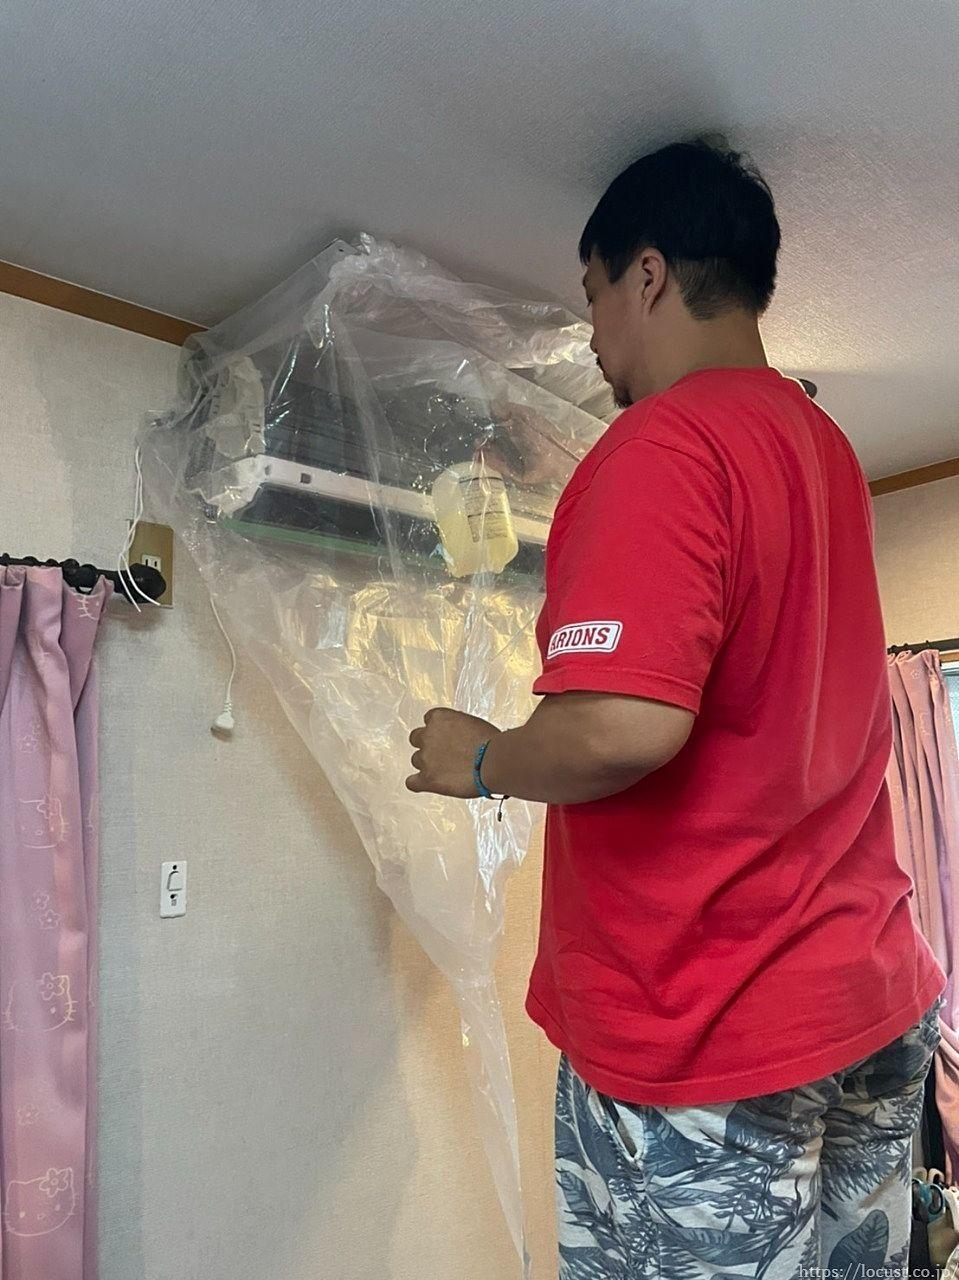 壁紙や家具などを汚さないようにするためには養生が必要です。